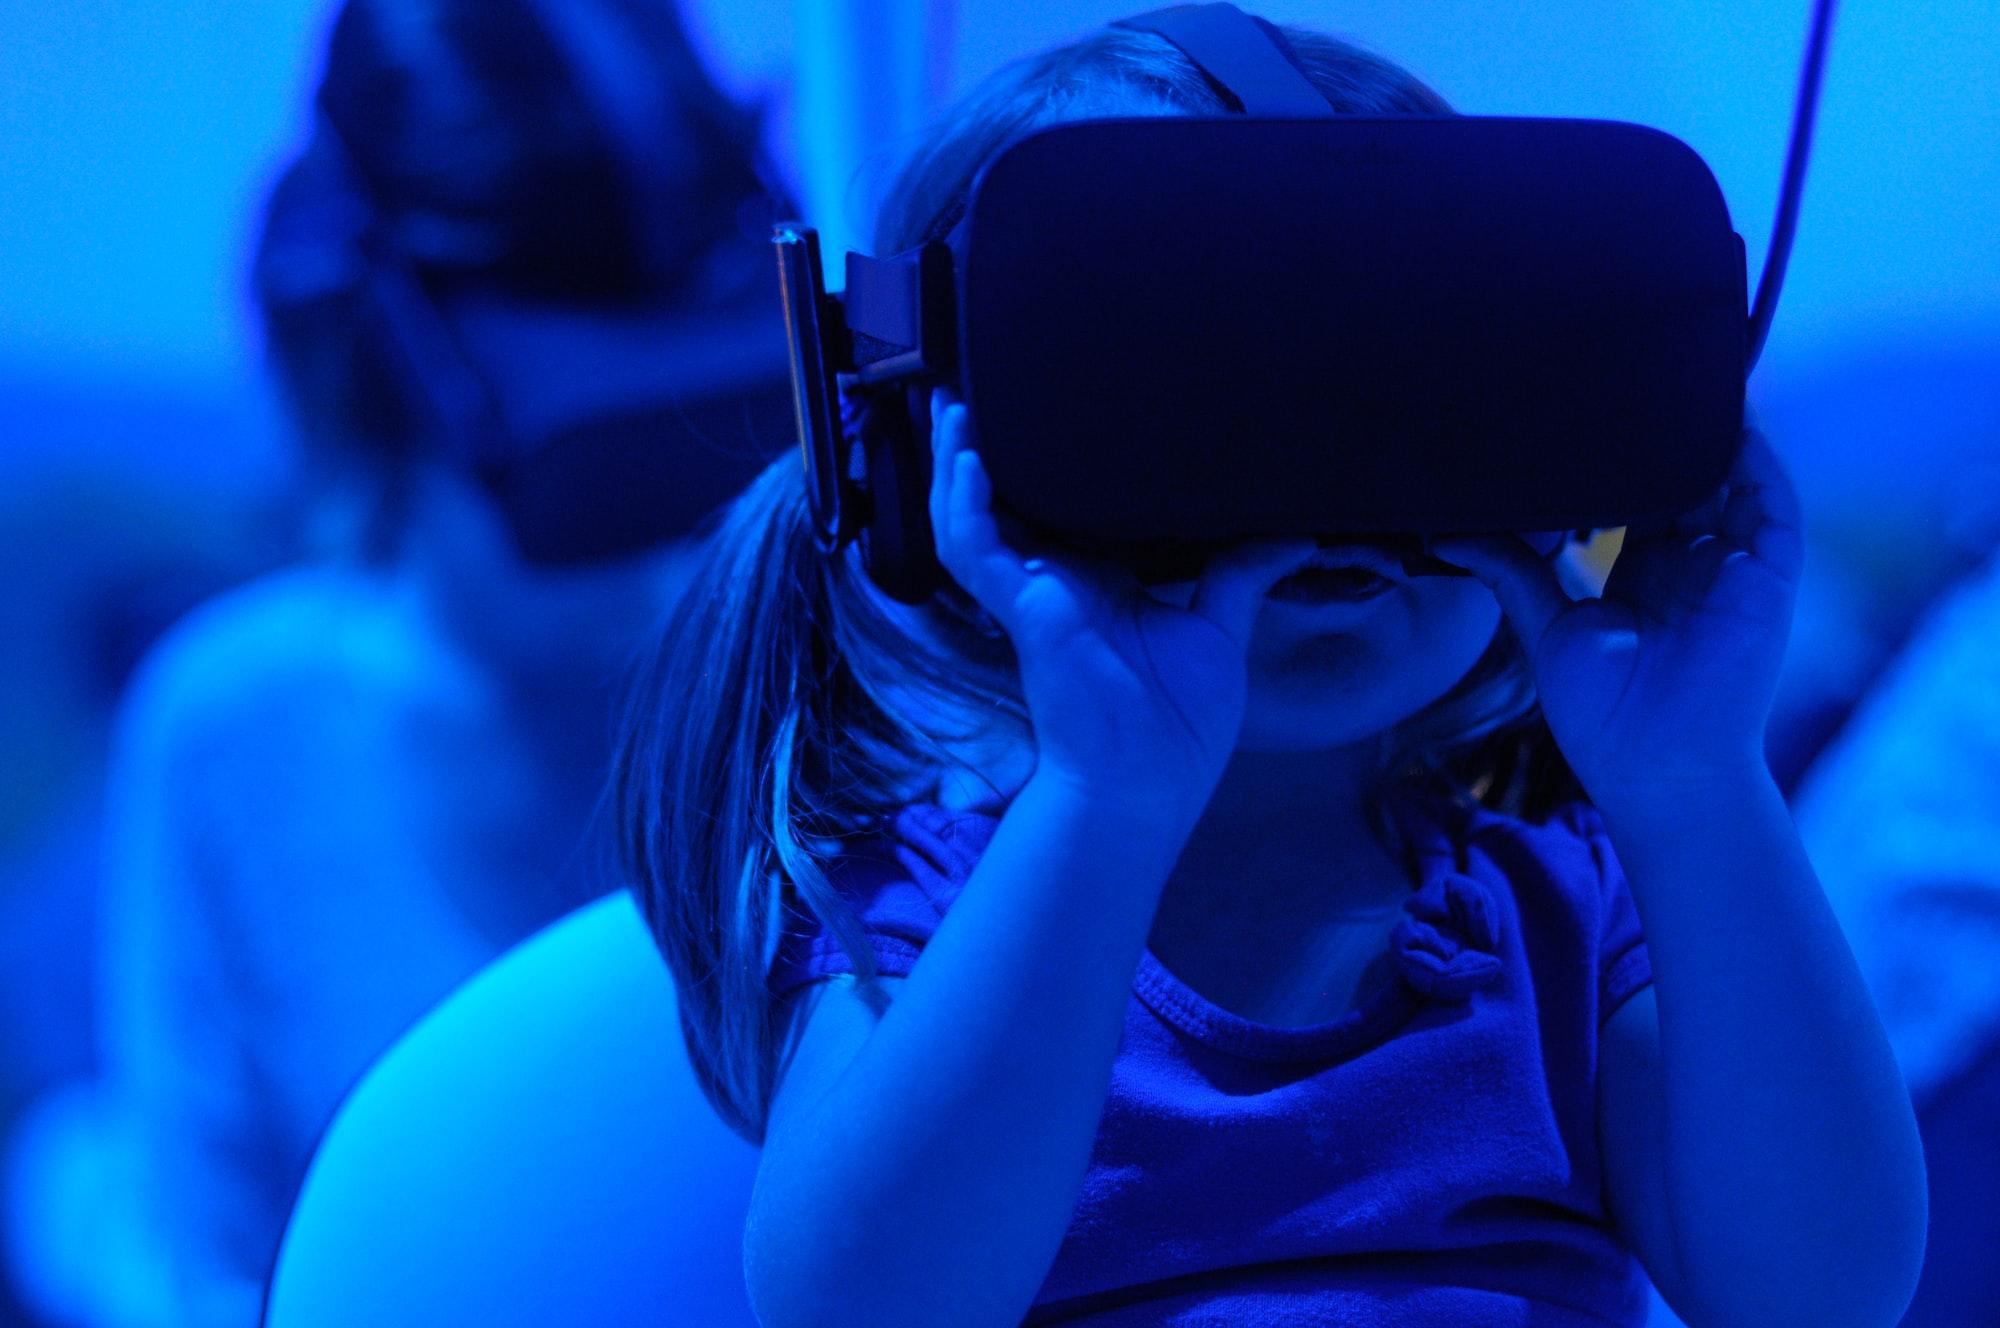 Geração mobile: repensando o tempo de tela